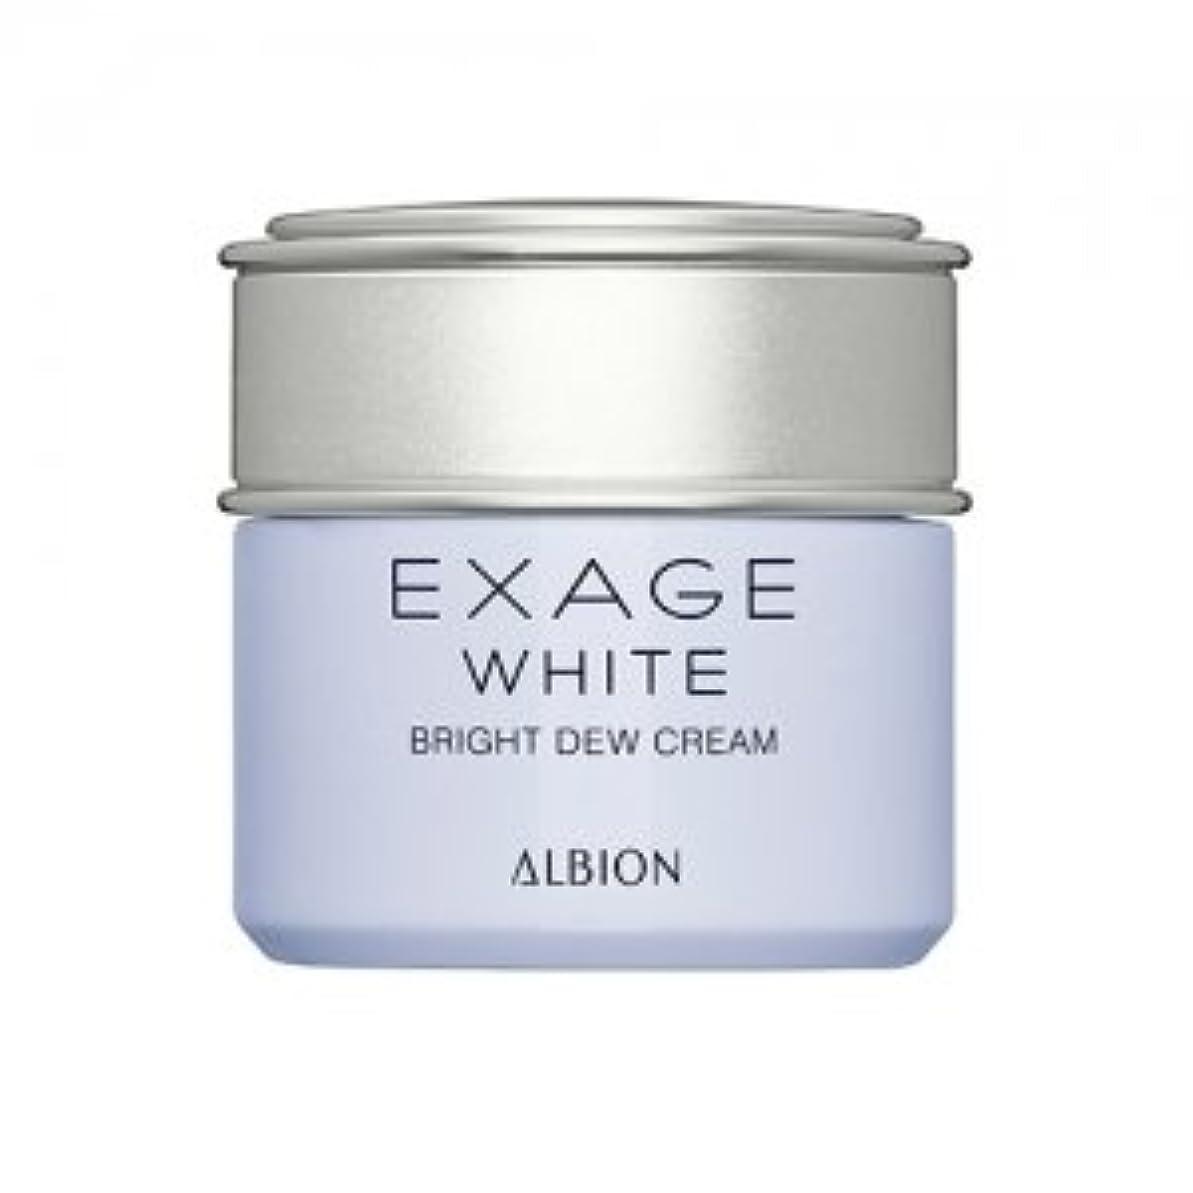 羊のパットあいまいさアルビオン エクサージュホワイト ホワイトセルラー クリーム 30g 薬用美白クリーム